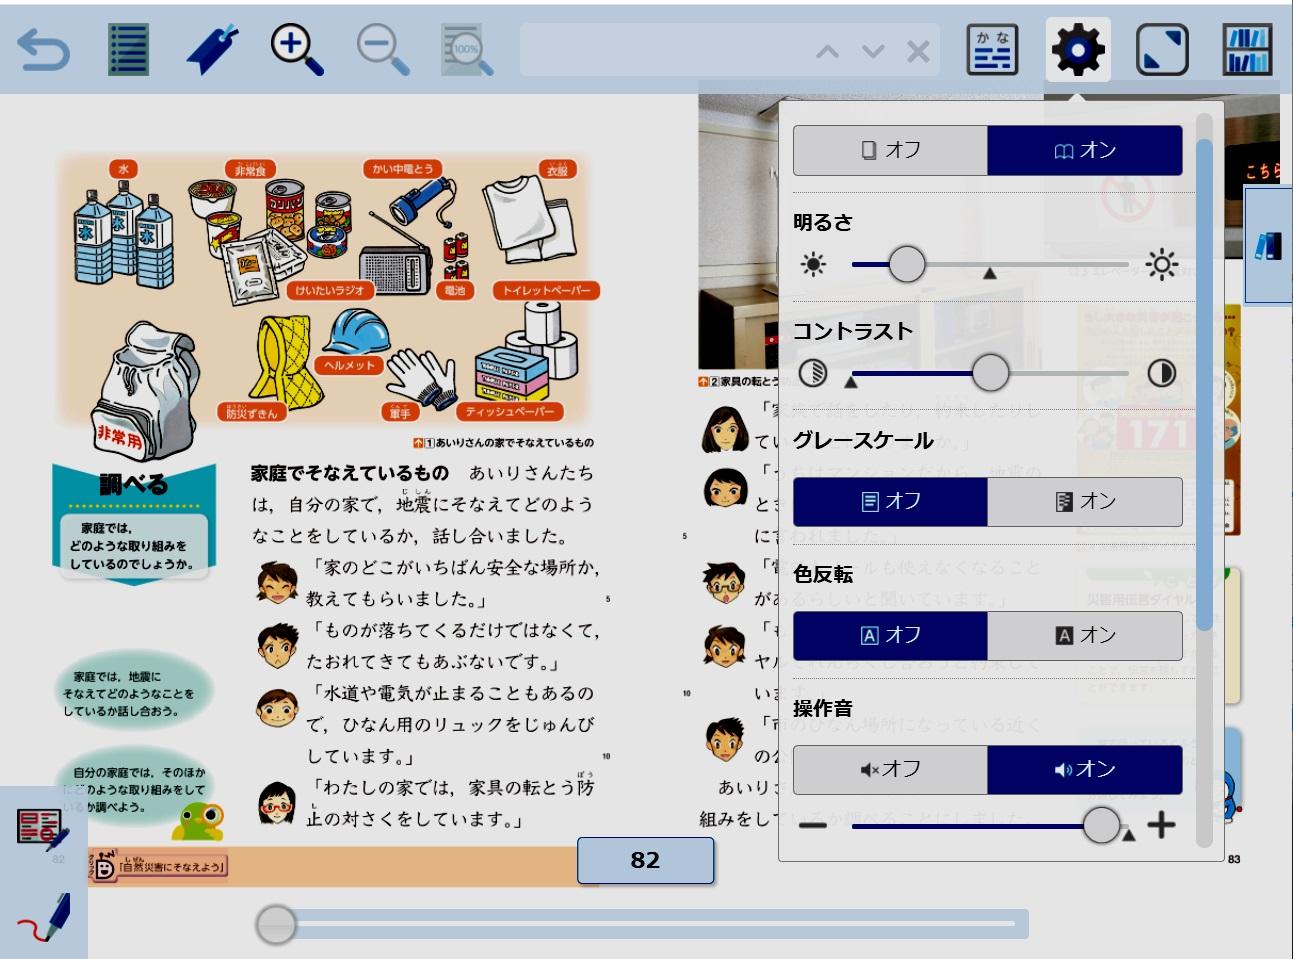 シンプルなツールバー(上)とペンツール の入り口(左下)。設定ボタン(右上)から 見開き表示や明るさ、コントラスト、グ レースケール、操作音などを変更できる